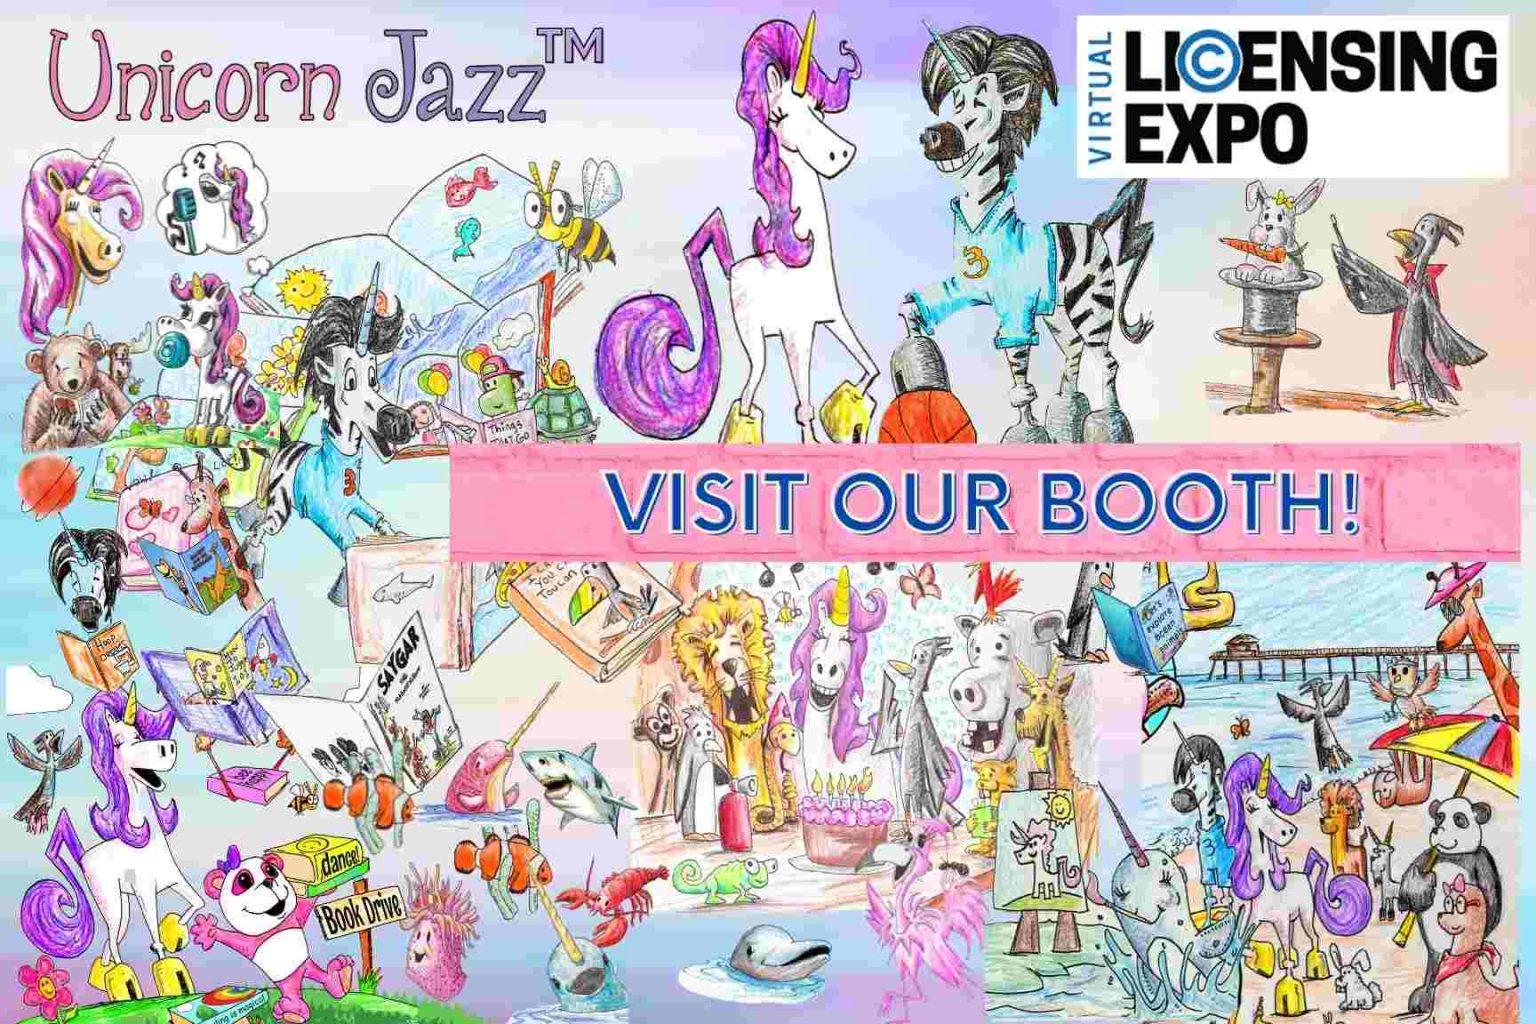 Unicorn jazz licensing expo 2021